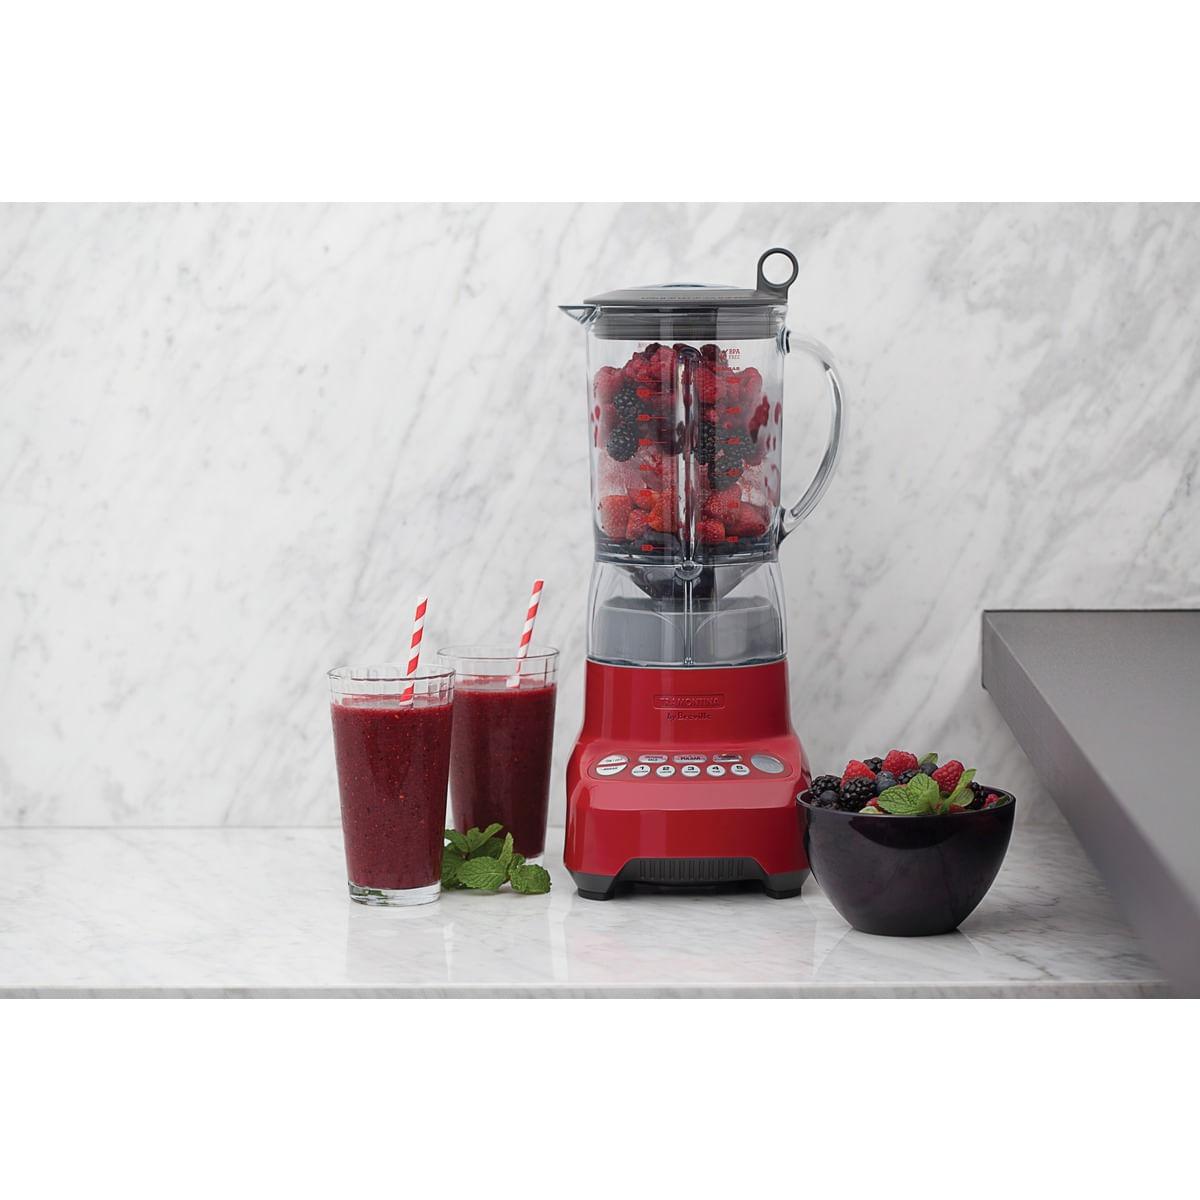 Liquidificador Tramontina Smart Gourmet Vermelho com Copo Tritan 7 Tarefas 1100 W 1,5 L